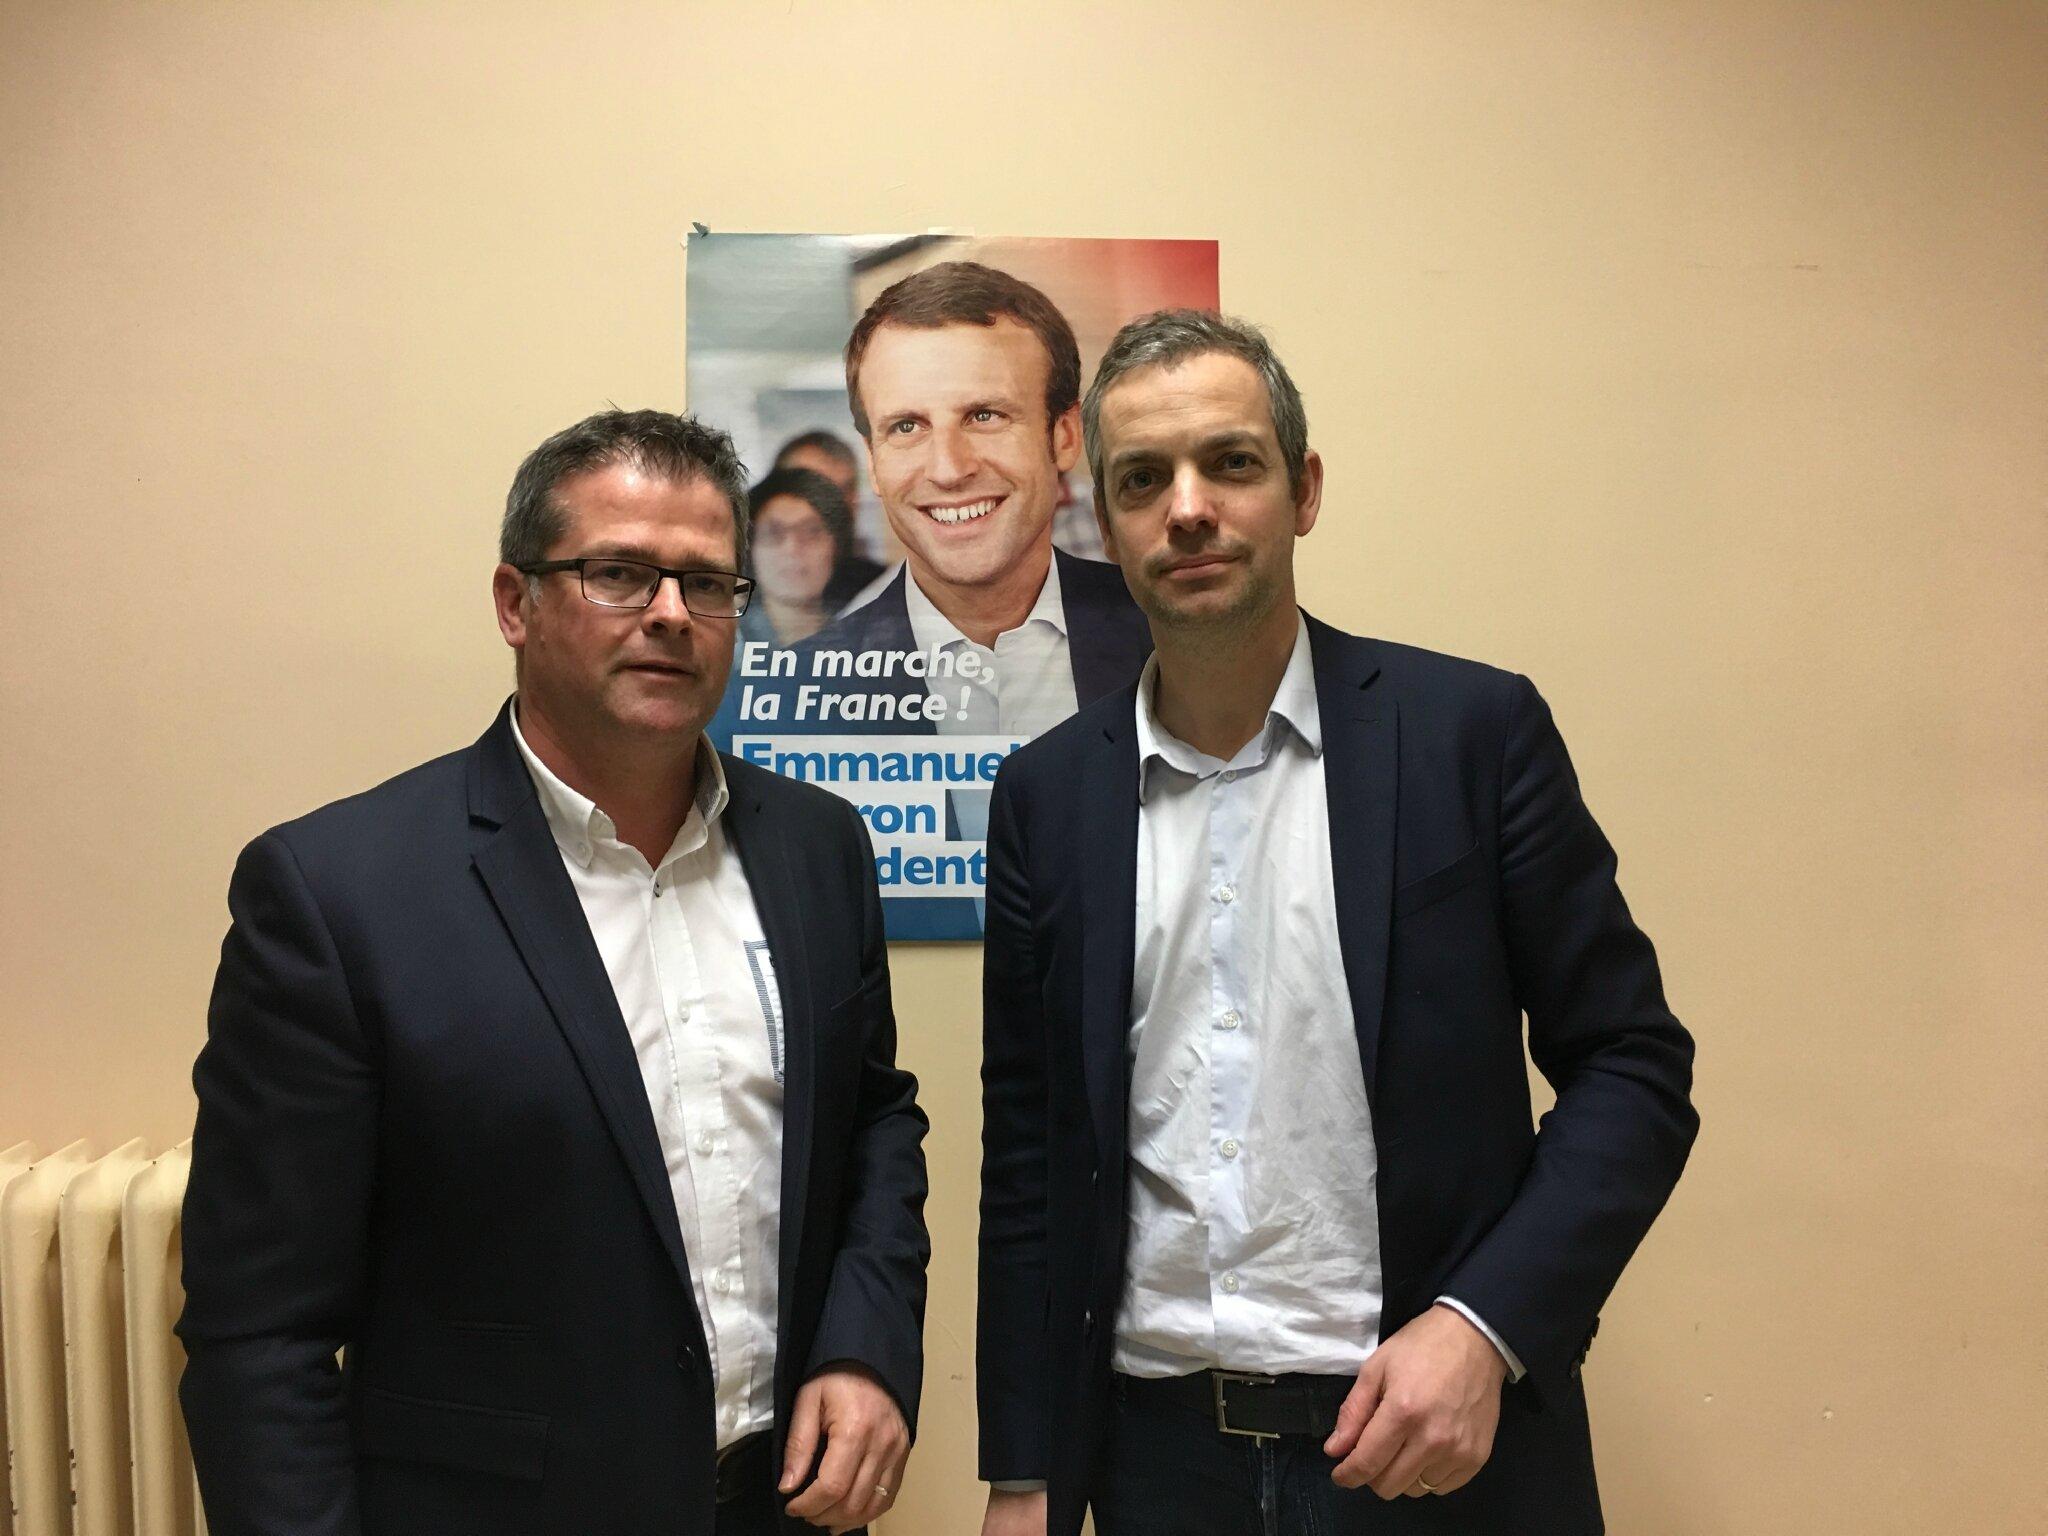 législatives sud Manche : duel Thomas Collardeau / Bertrand Sorre pour l'investiture d'En Marche, le mouvement d'Emmanuel Macron